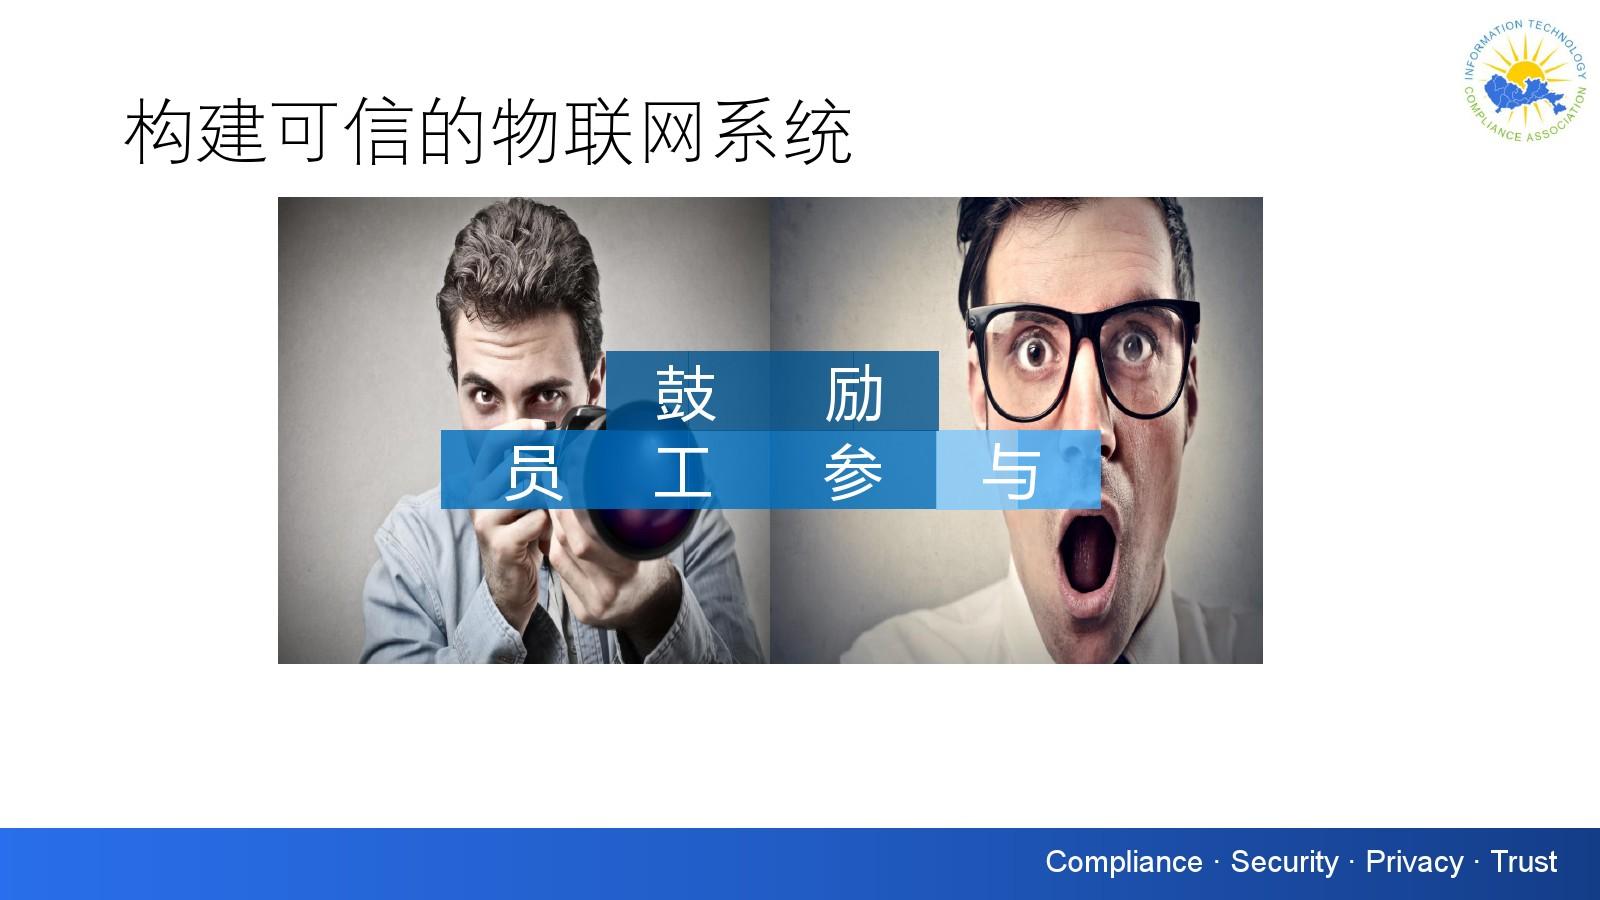 工业物联网安全管理